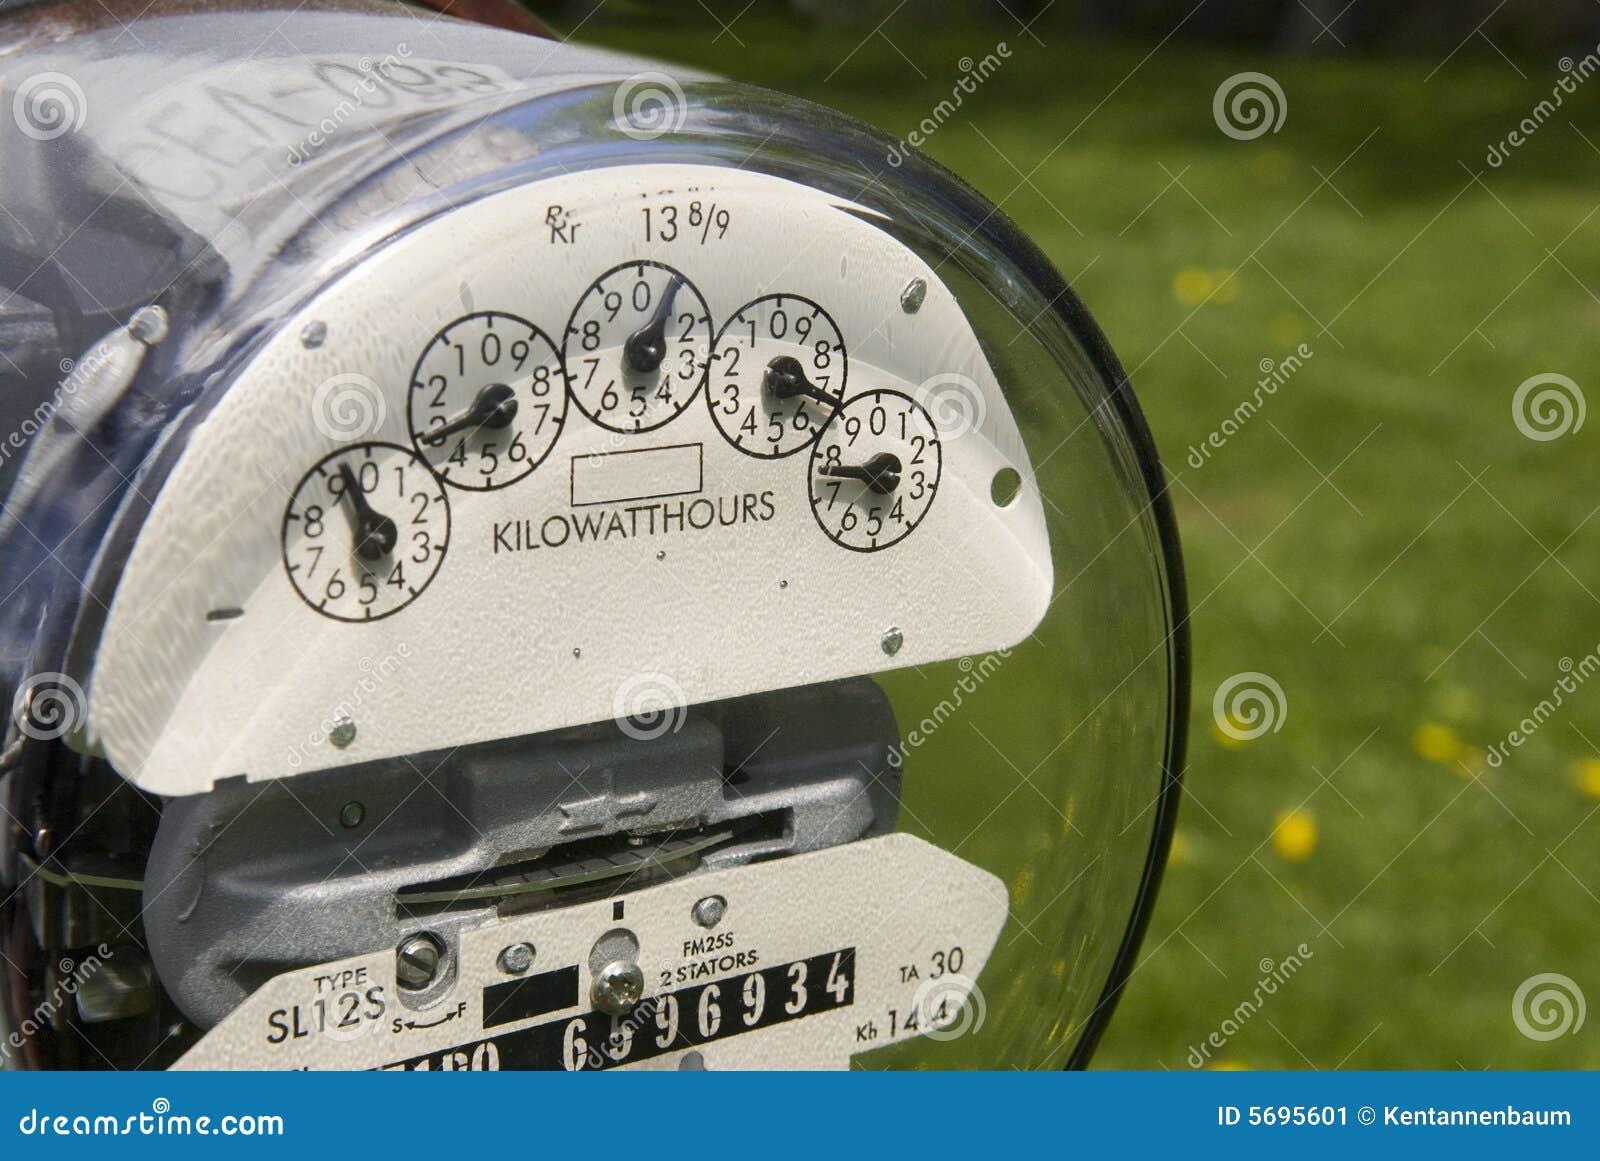 Outdoor Electricity Meter : Outdoor electric meter stock image